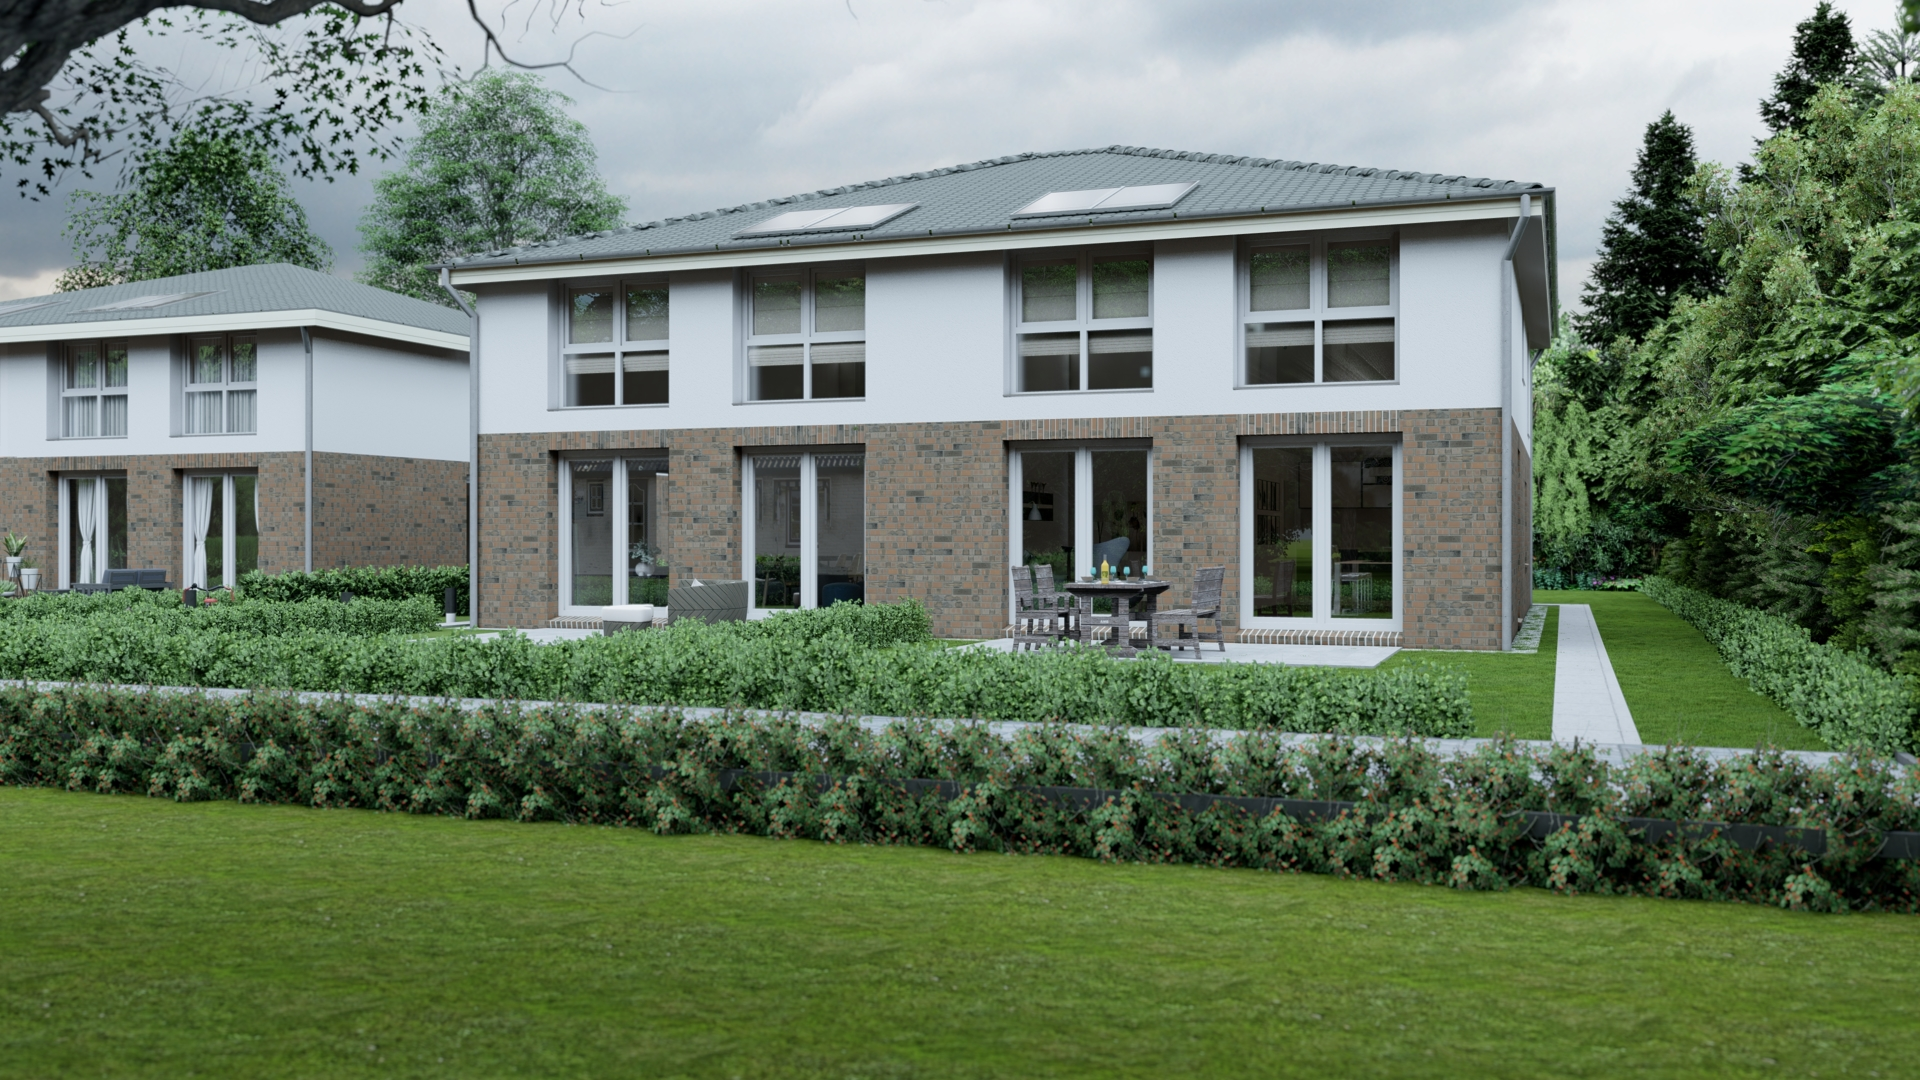 Doppelhaushälfte in Billwerder, am Ende einer Sackgasse (DHH 4) - 2001_4